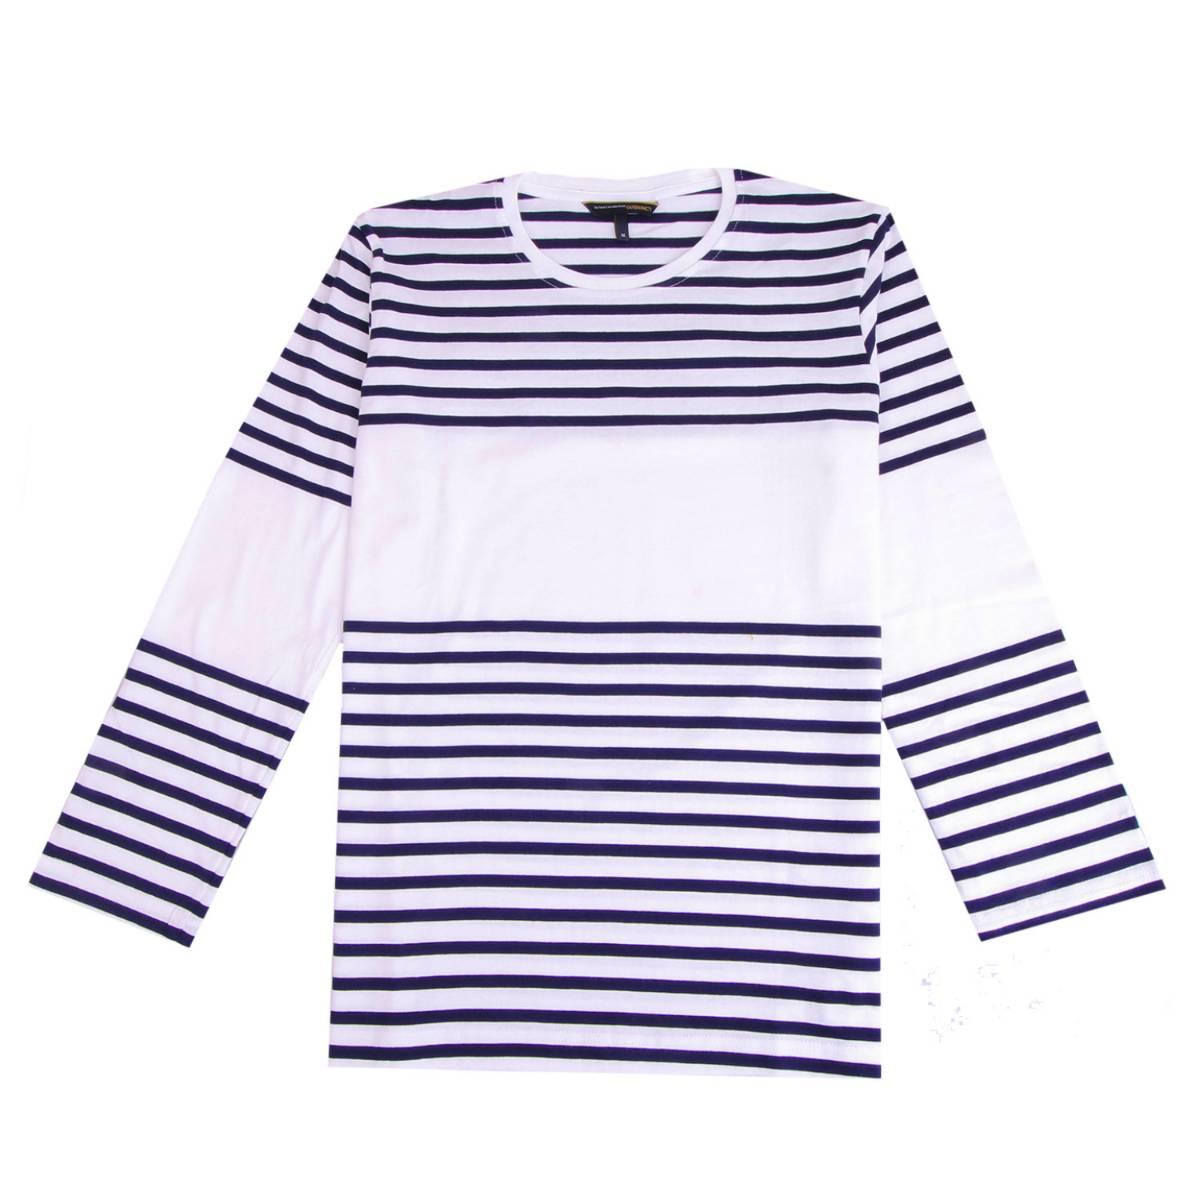 Kaos Tangan Panjang Chad White Navy Stripe Ls